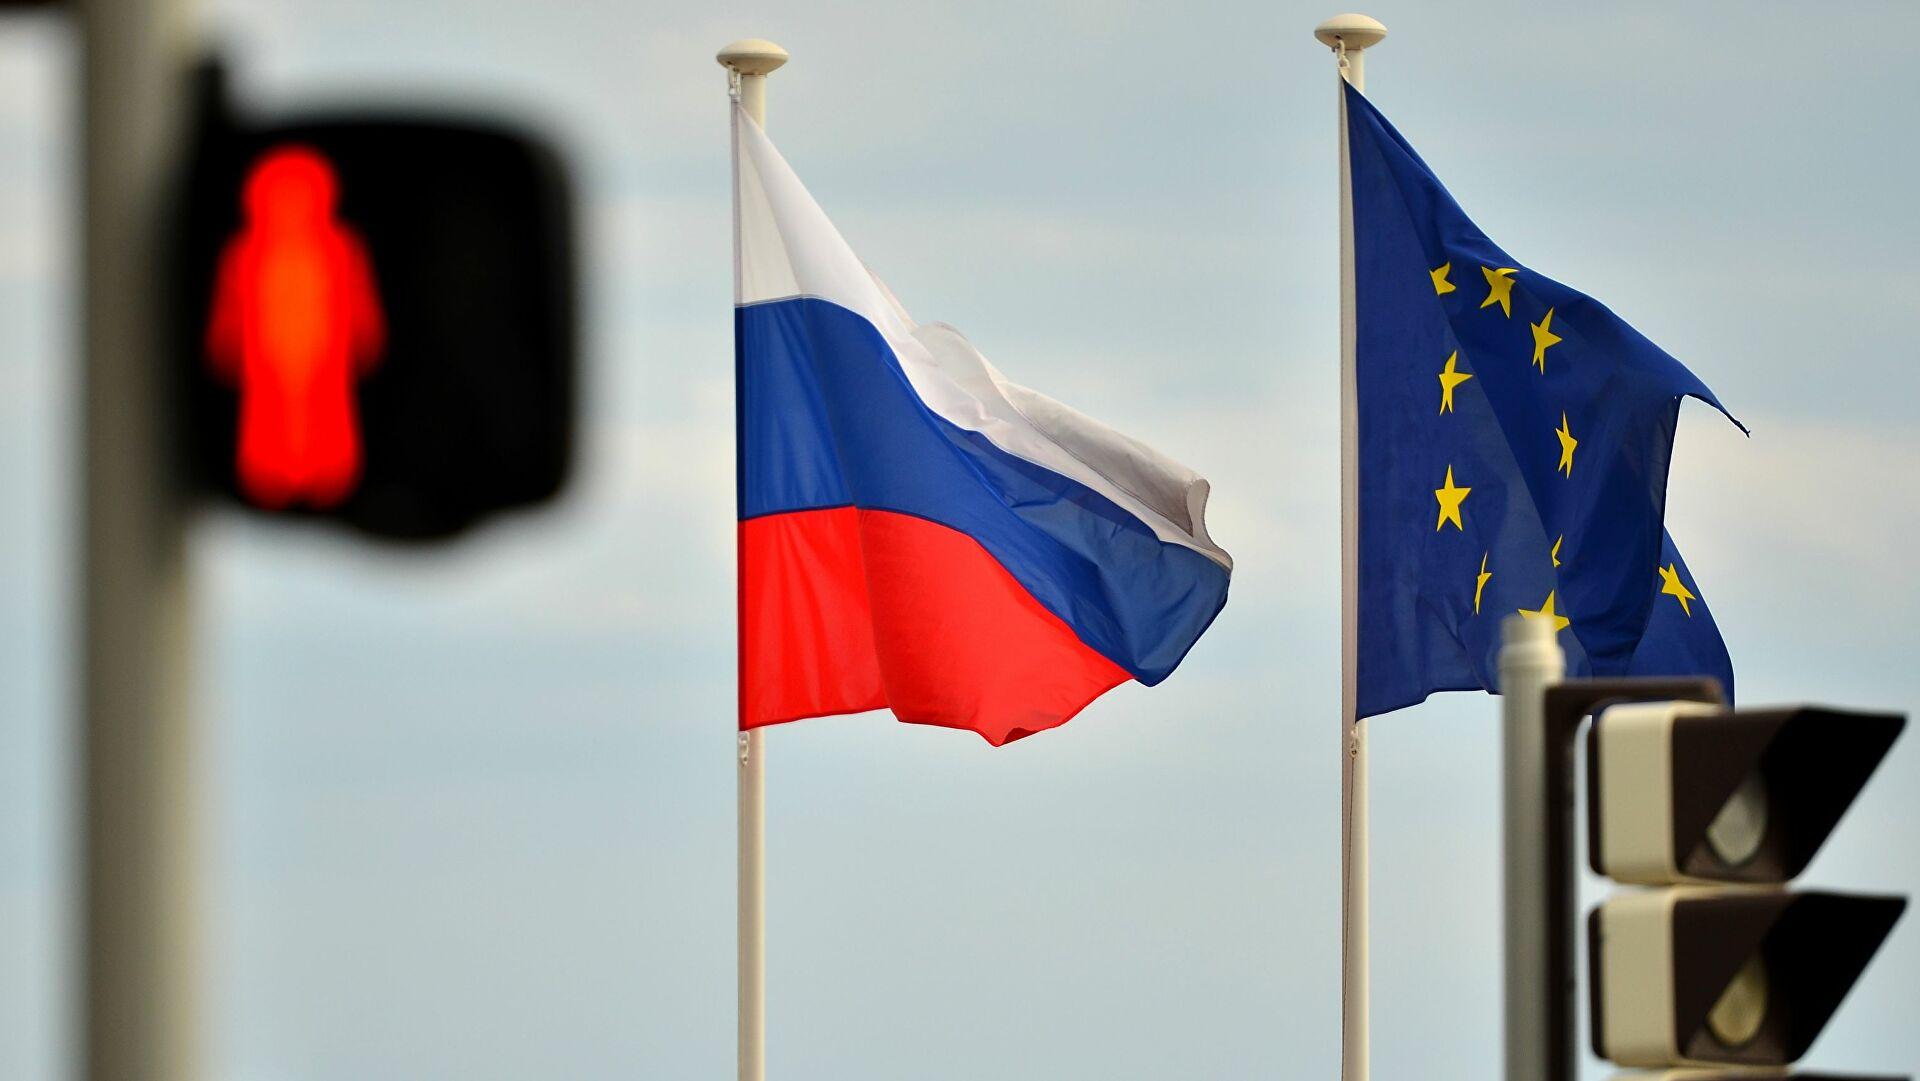 Чижов: ЕУ није изнела било какве доказе или објашњења због чега су уопште уведене санкције против Русије